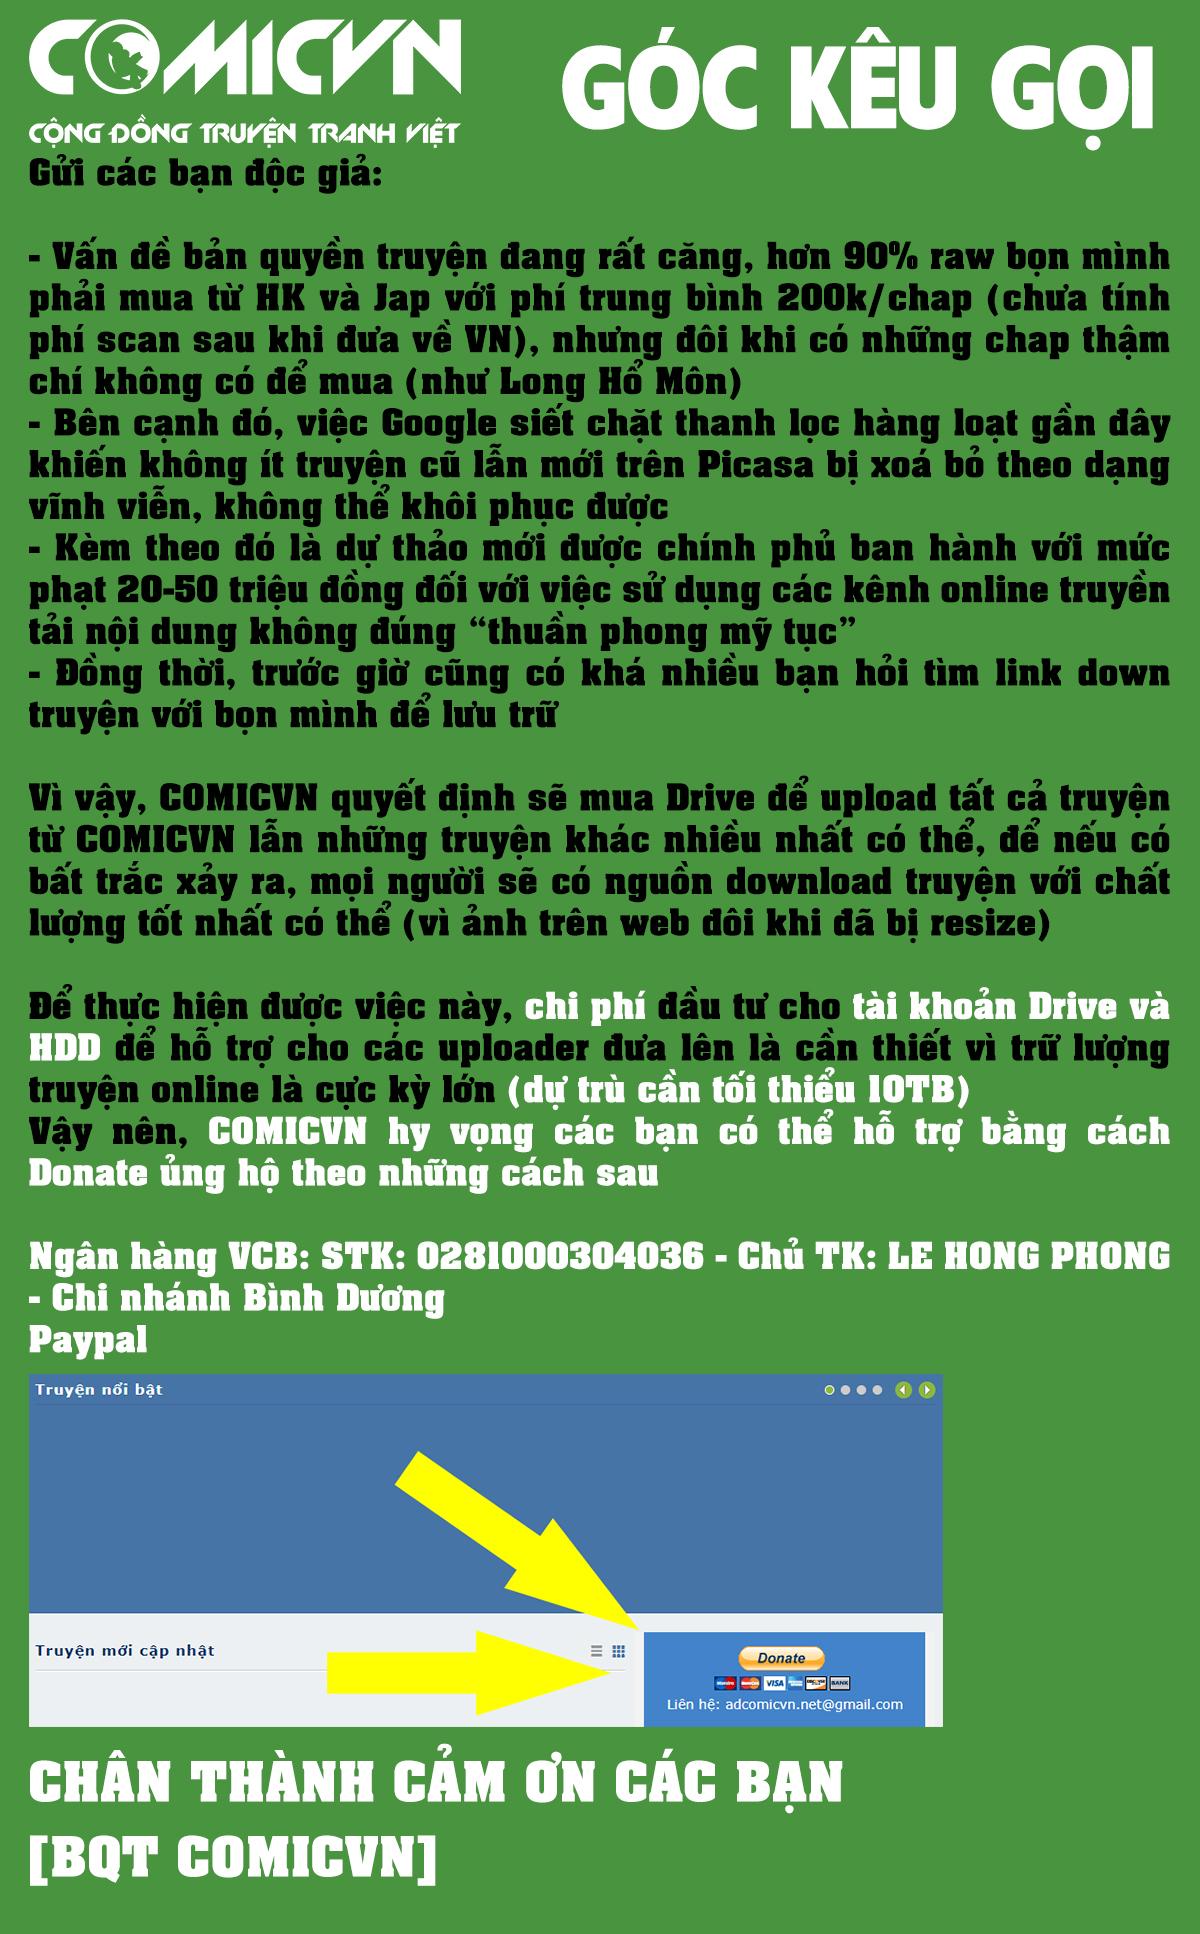 Tân Tác Long Hổ Môn Chap 883 - Trang 35